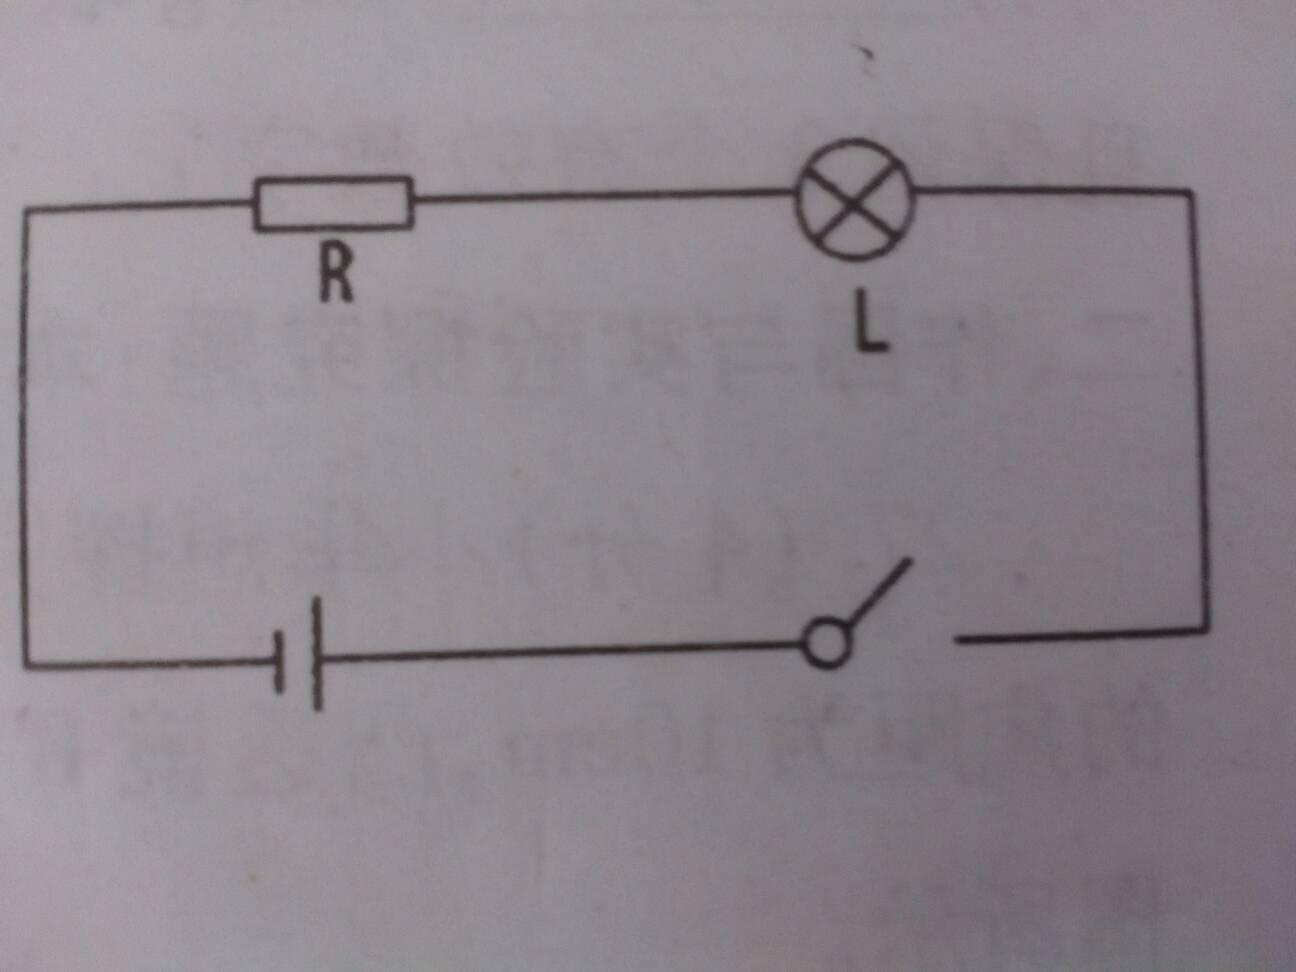 如图所示的电路中,电源电压保持不变,r为定值电阻,当开关闭合时标有8